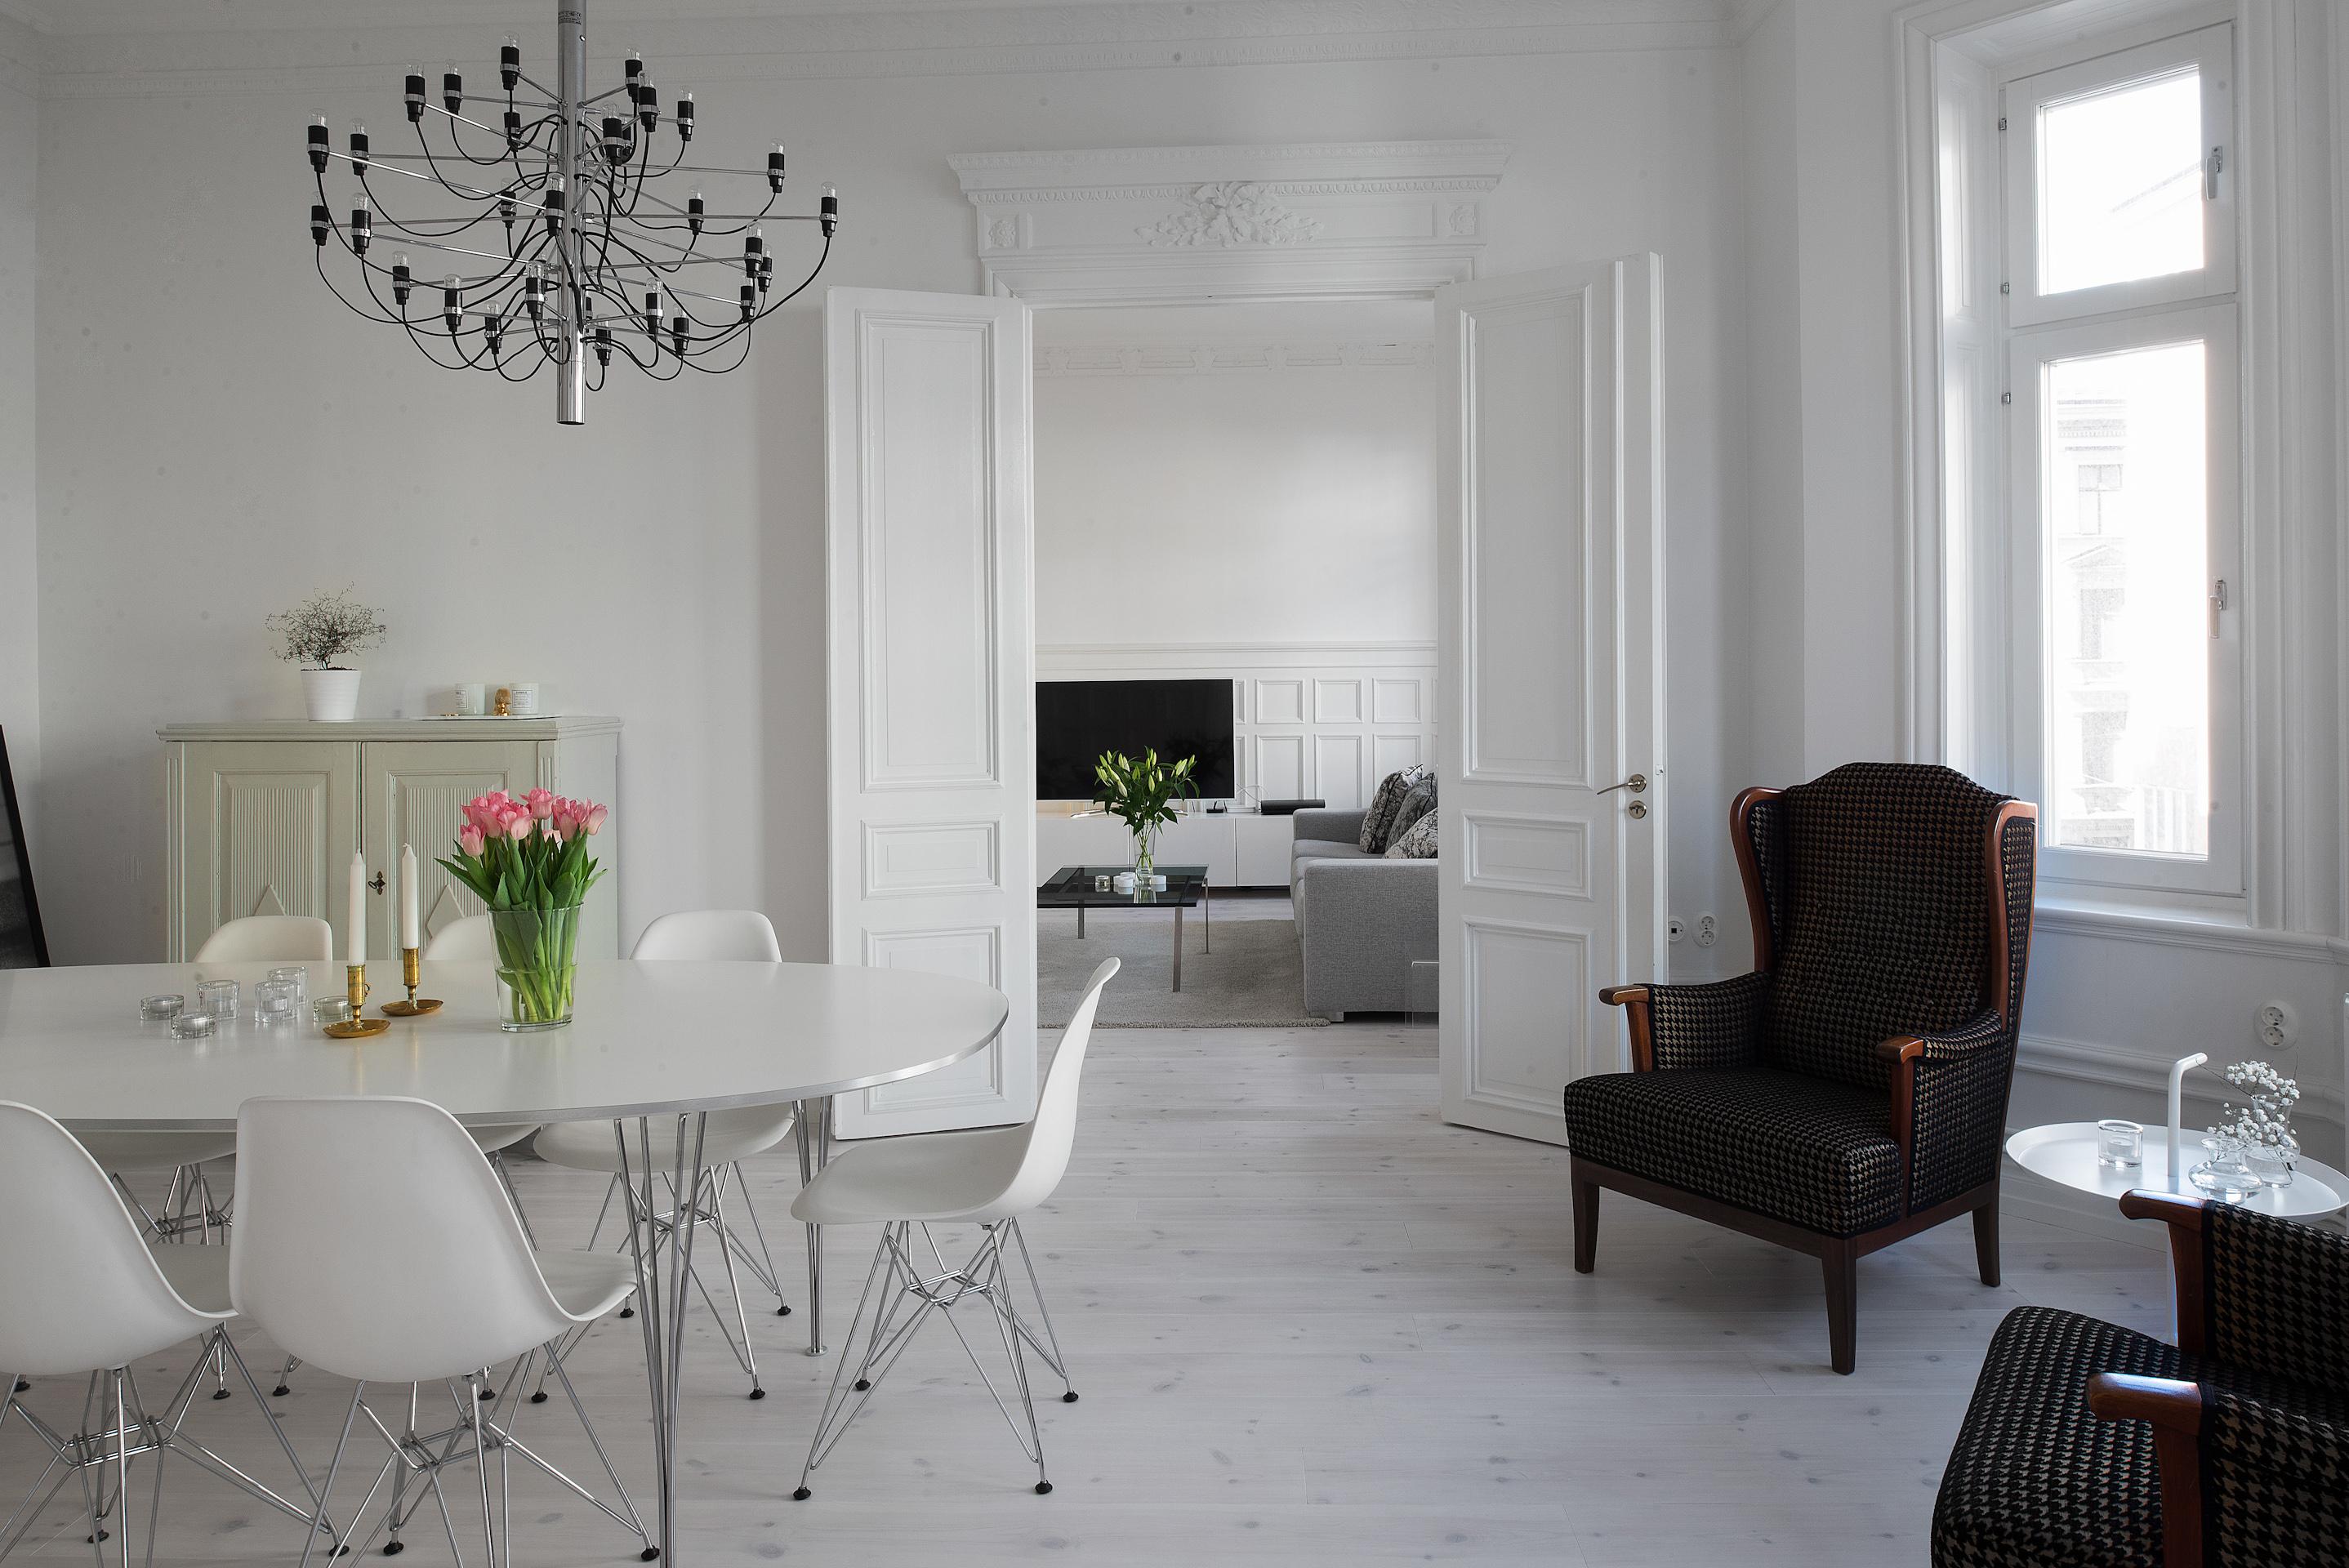 Piso elegante y moderno con elementos originales blog - Decoracion pisos modernos ...